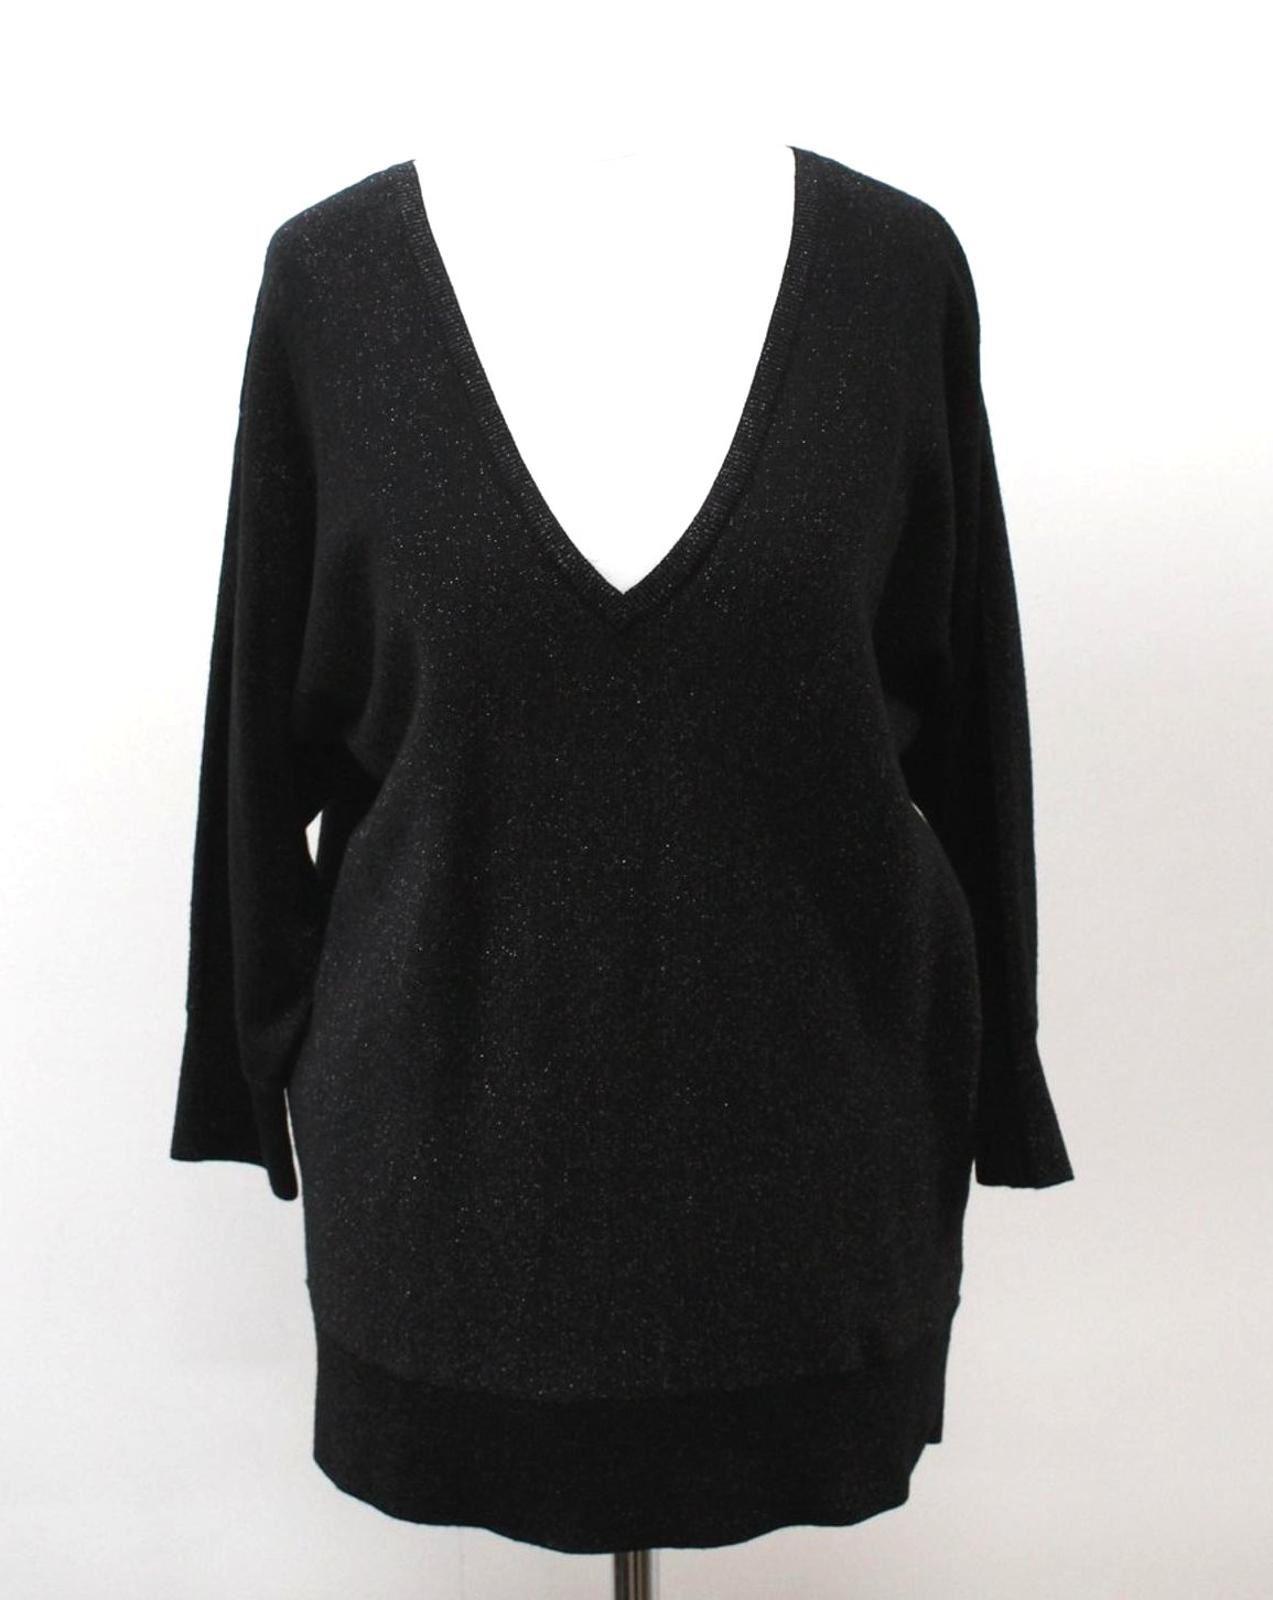 Hobbs-Damen-Schwarz-Gold-Wollmischung-V-Ausschnitt-glitzernde-Marla-Sweater-Pullover-S-NEU